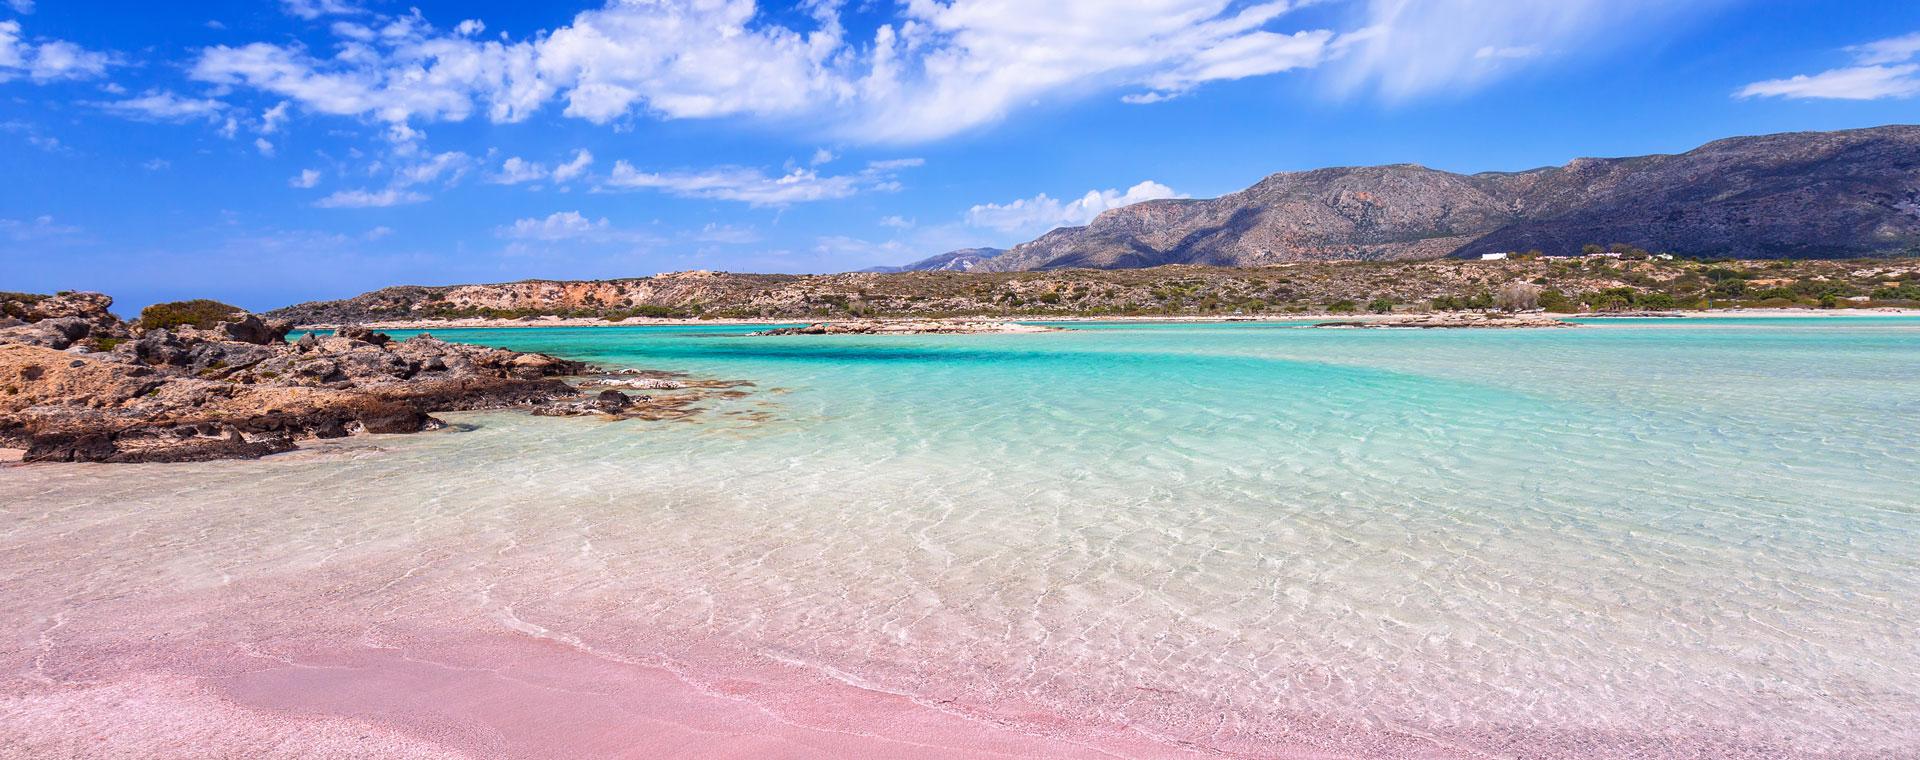 Voyage à pied : Crète, voyage au pays des mythes